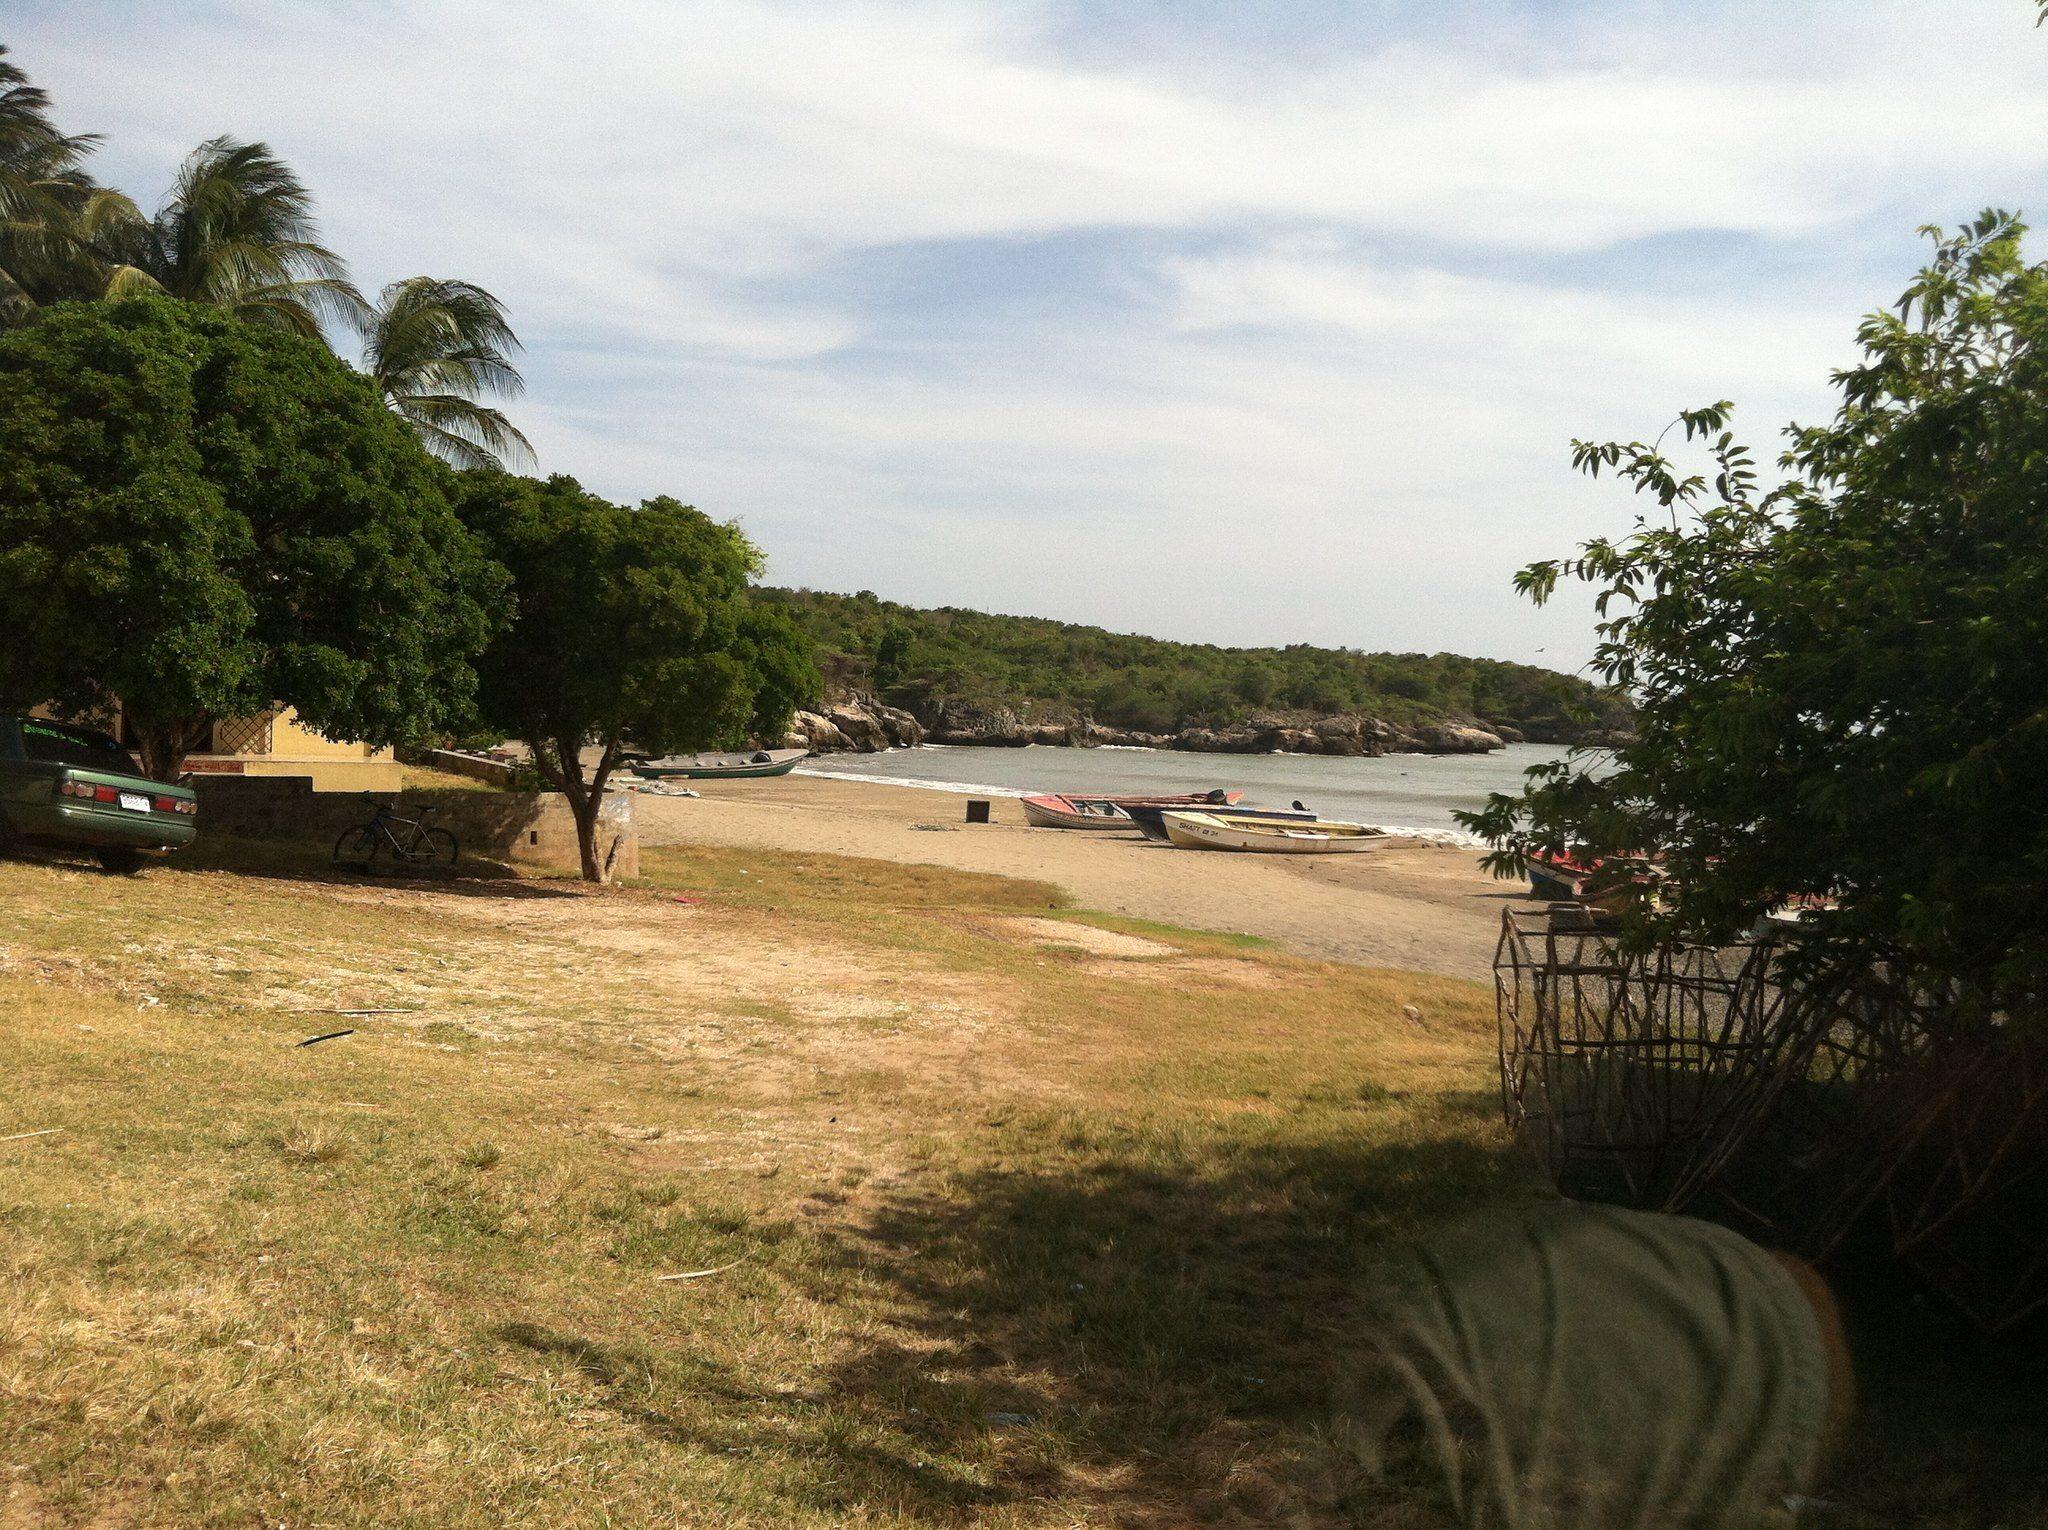 Best Beaches in Jamaica - Top 10 Beaches in Jamaica